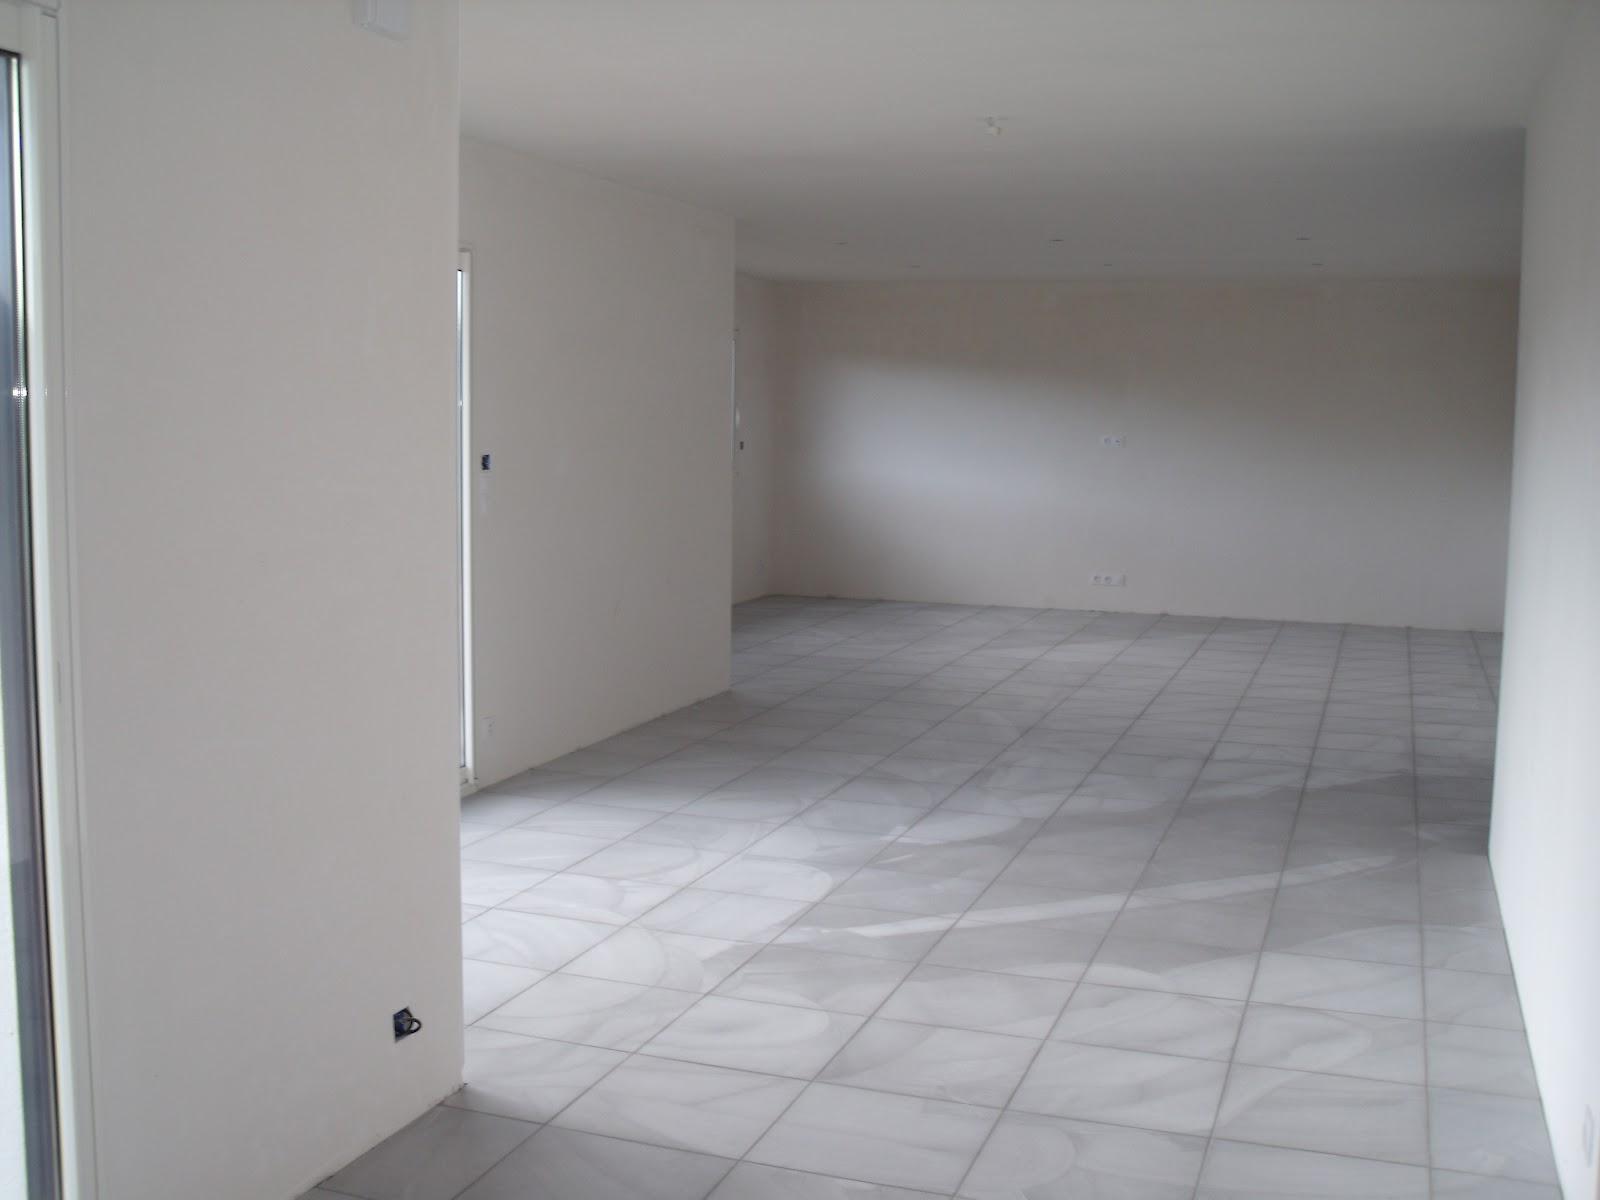 maison de domi construction kervran ma onnerie derrien pl trier nezet enduit torres pose du. Black Bedroom Furniture Sets. Home Design Ideas